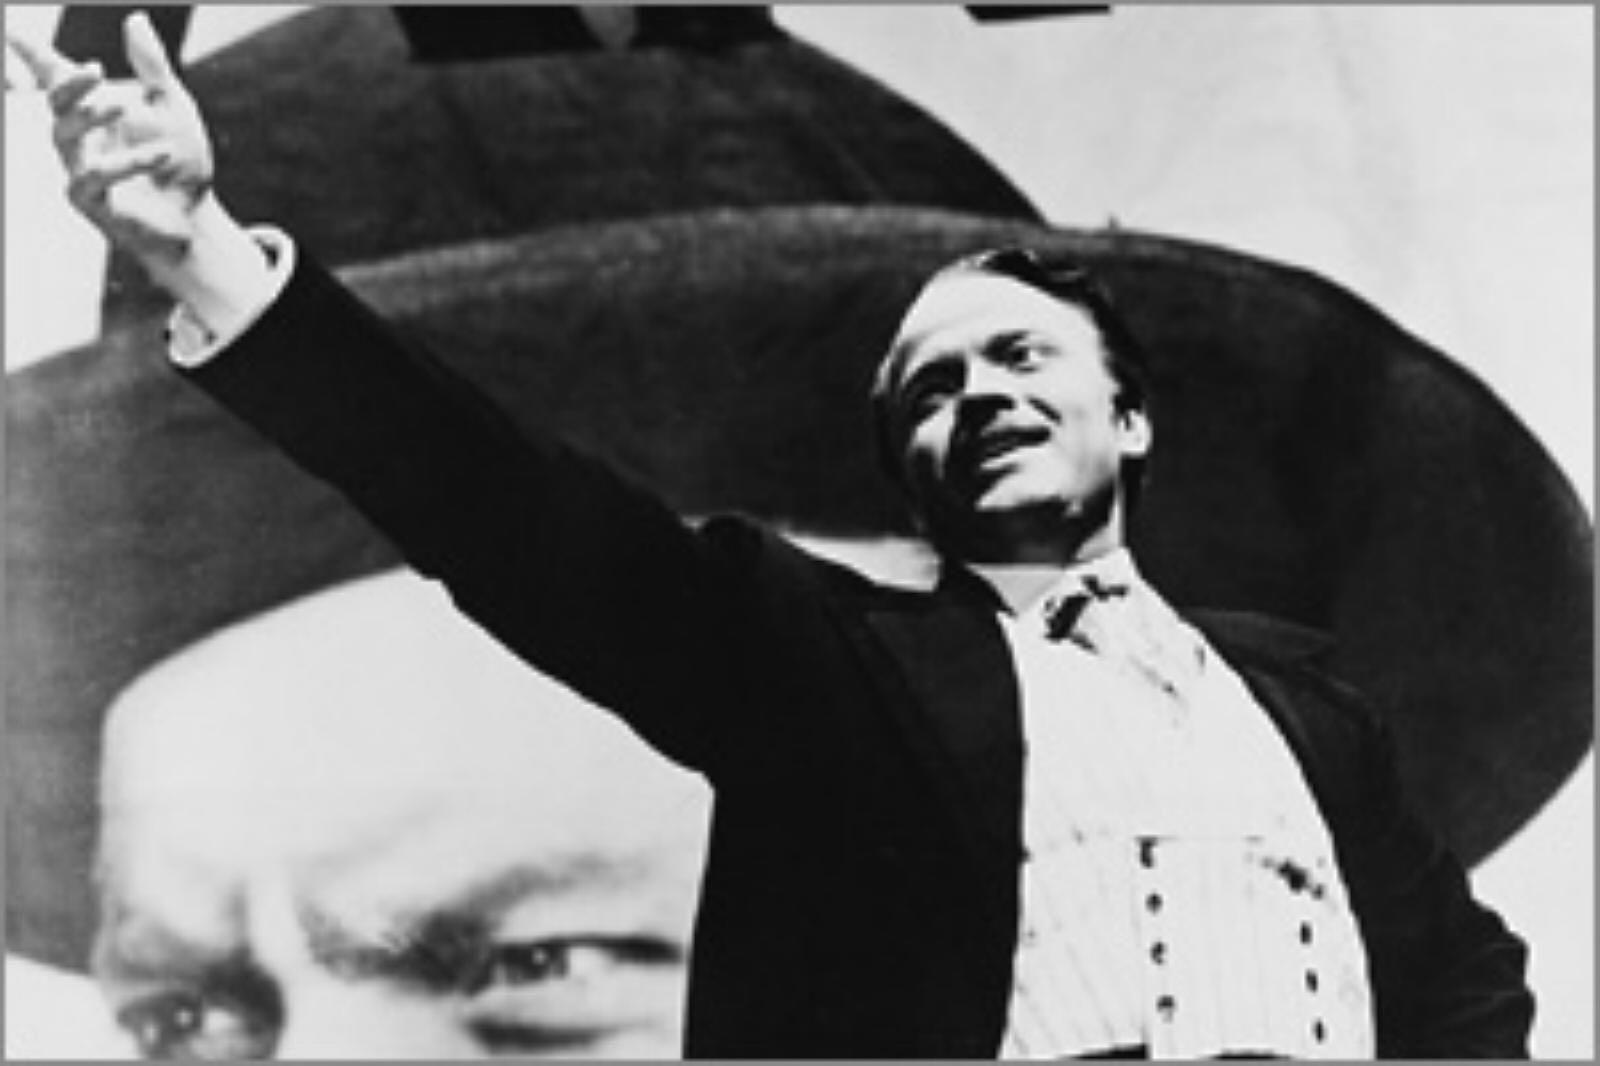 Orson Welles: Citizen Kane (1941)